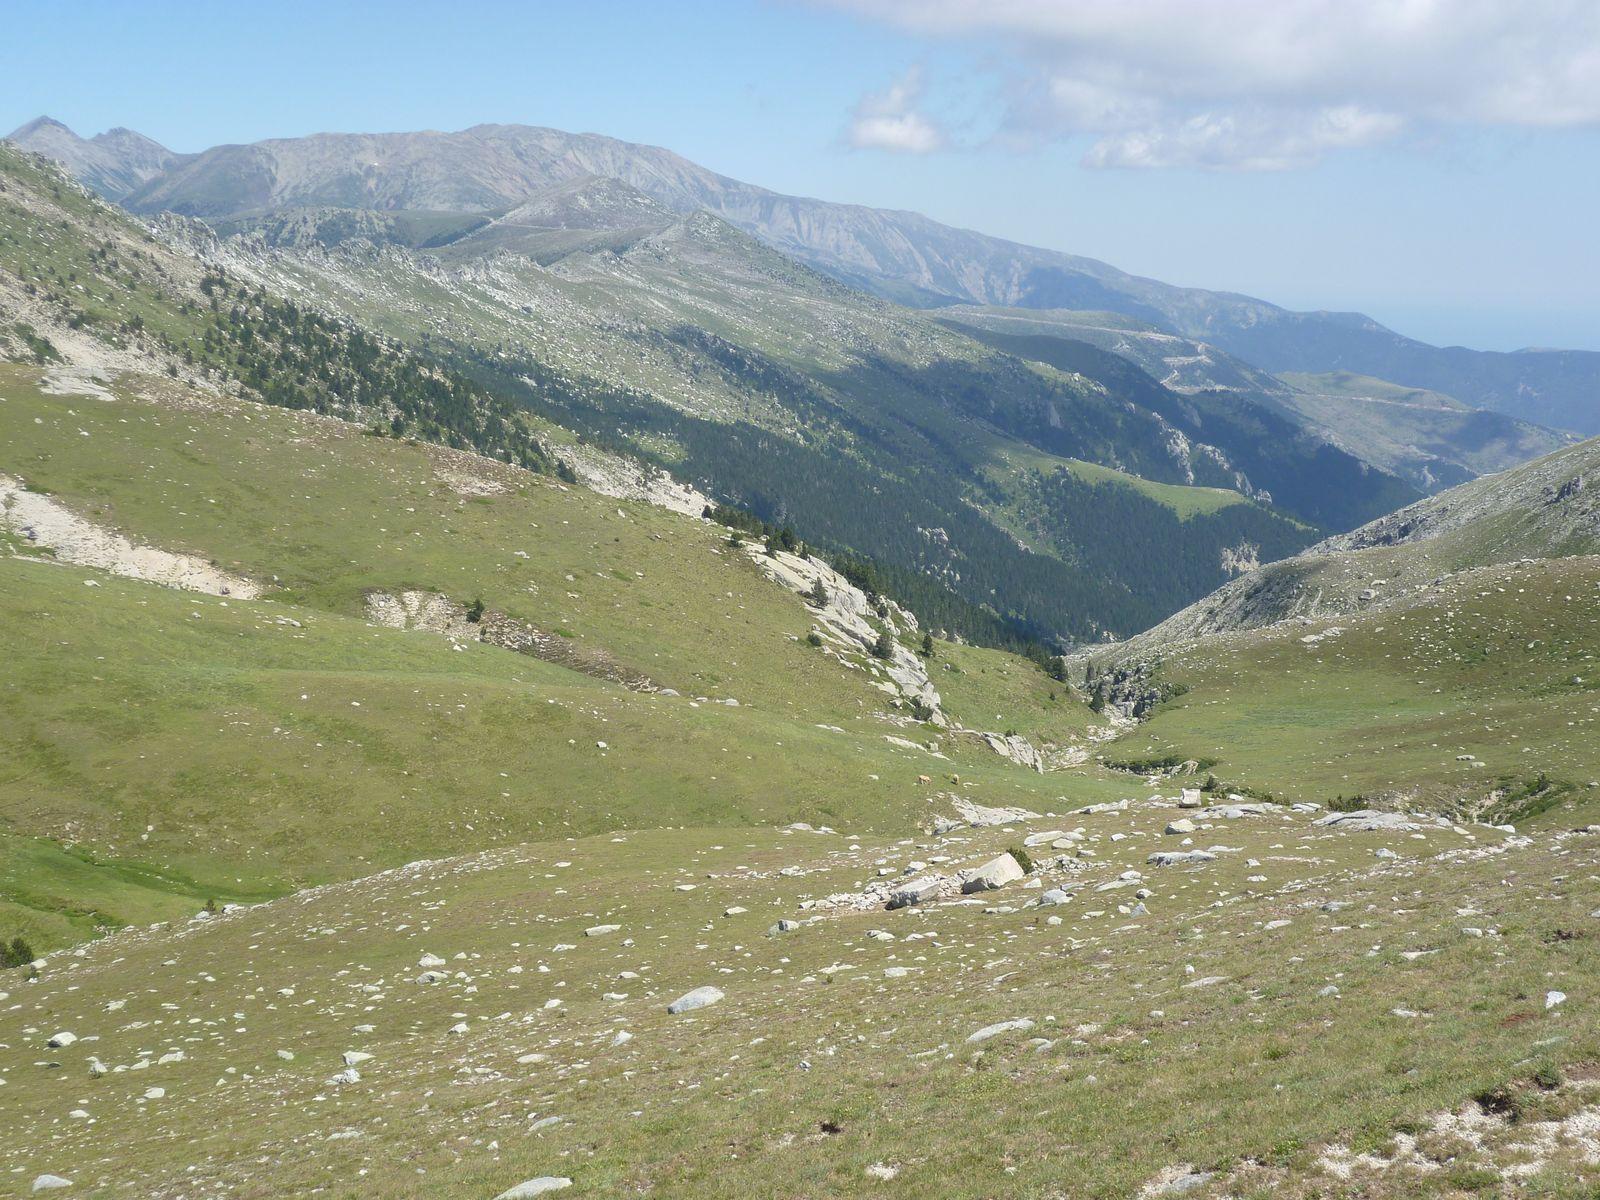 après 3 heures trente de marche le sommet se rapproche...